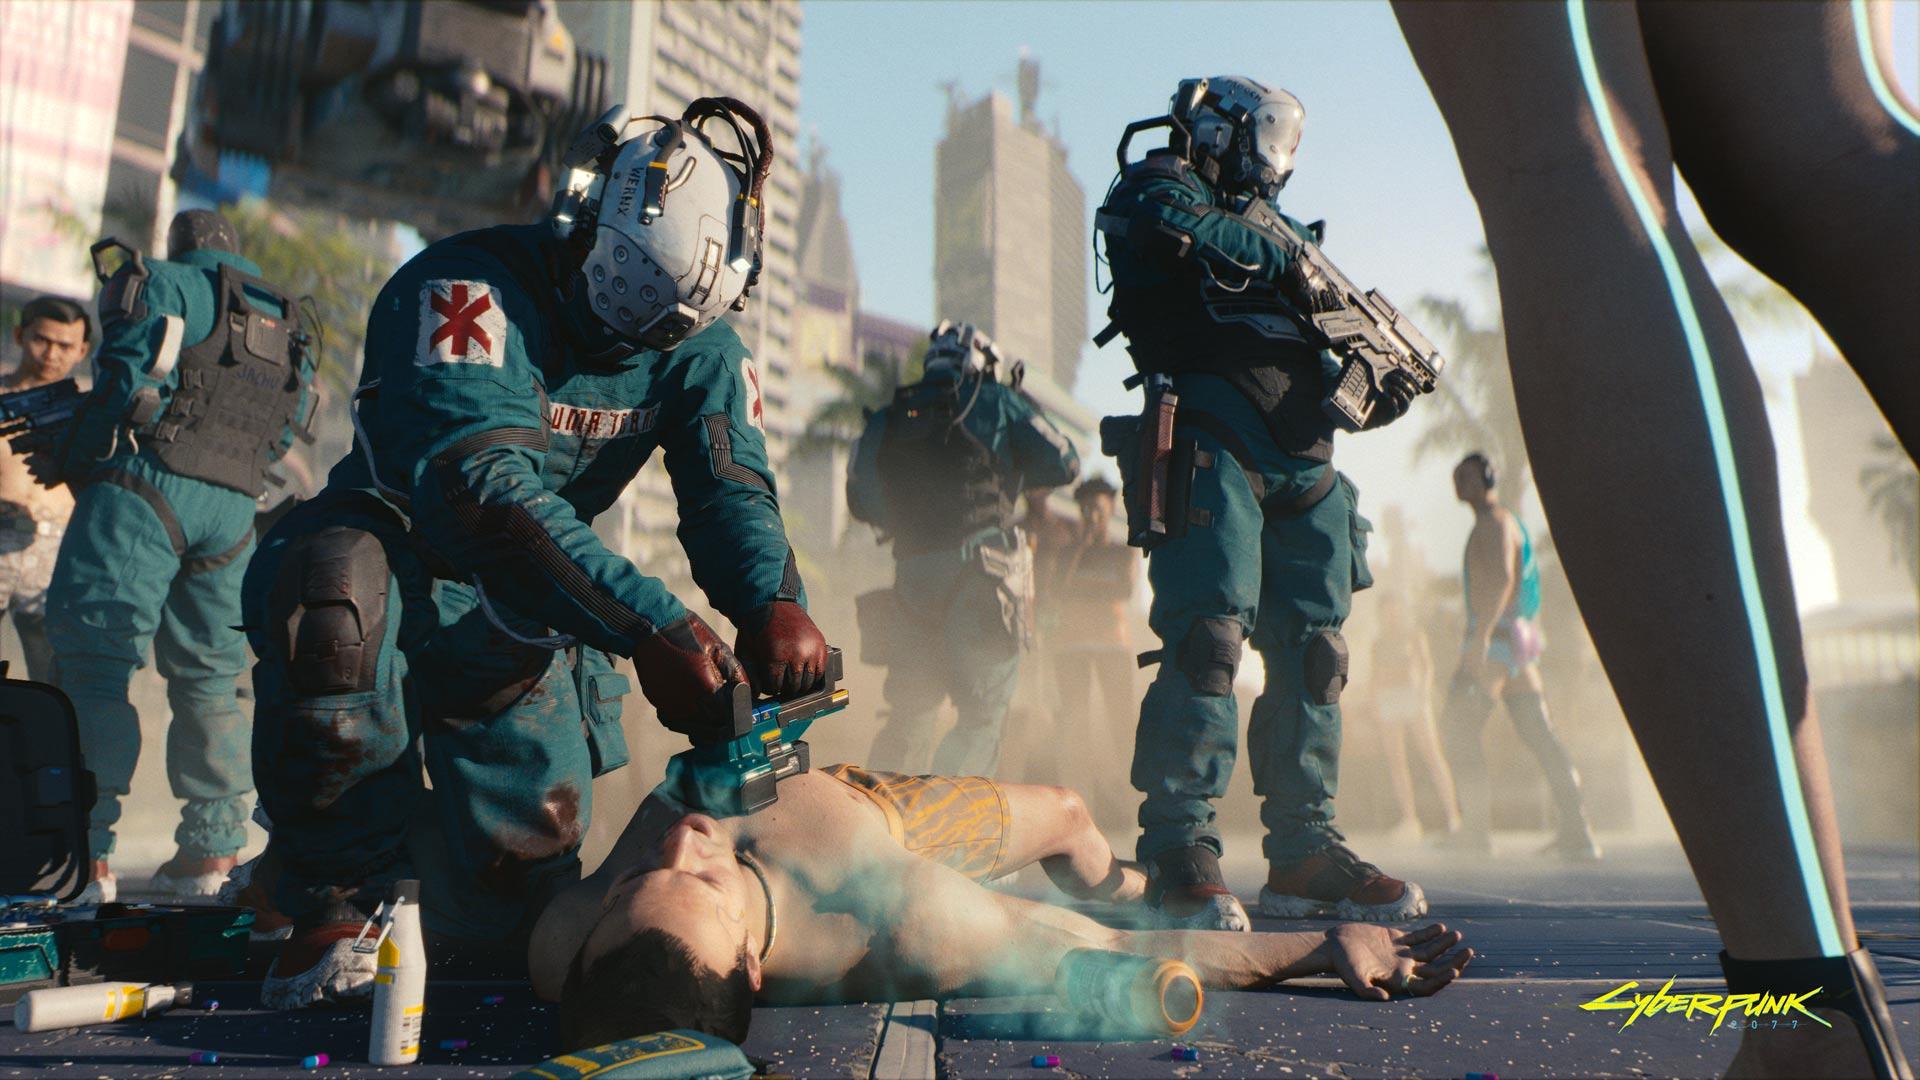 Cyberpunk 2077 Kuva 1